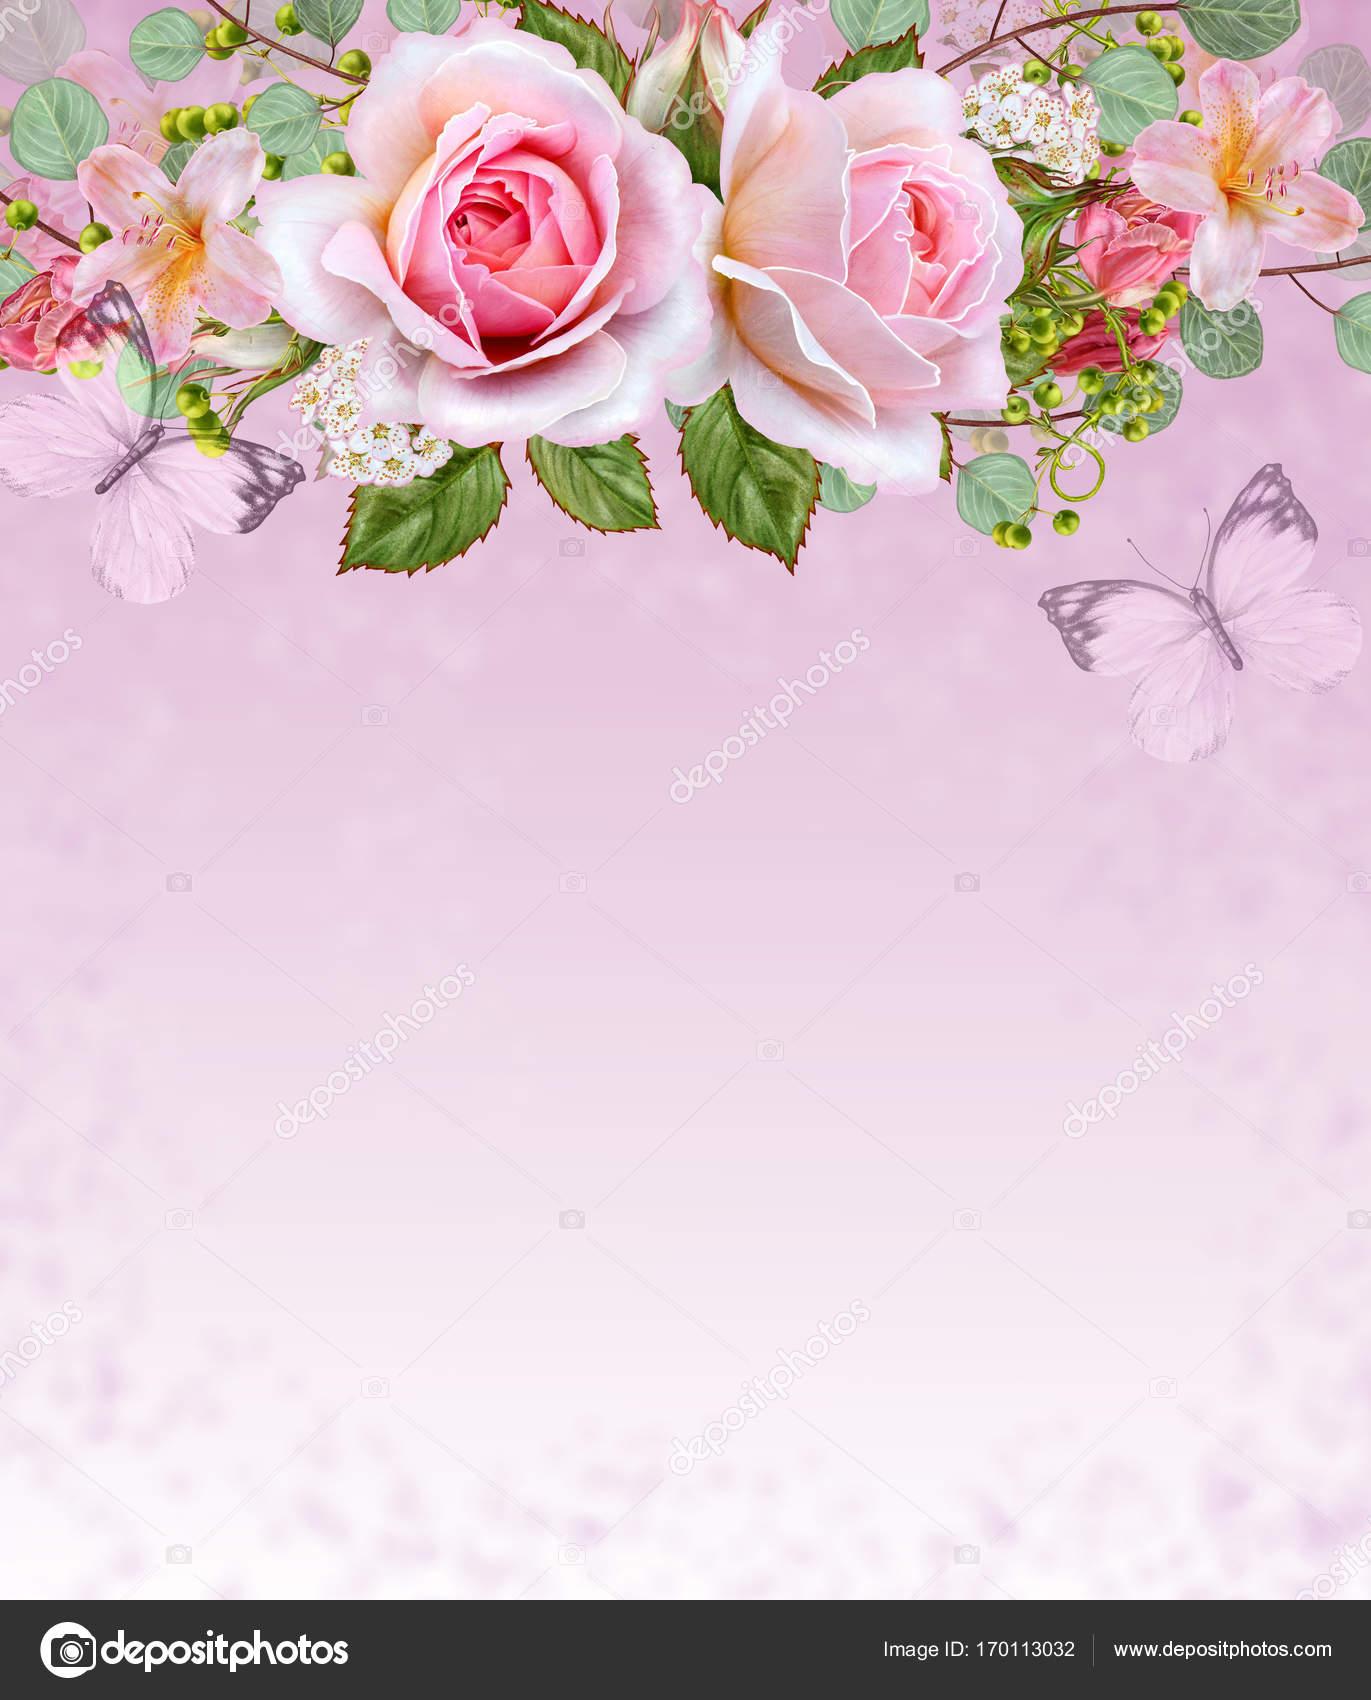 Открытка с благодарностью цветы и ягоды в букете 51